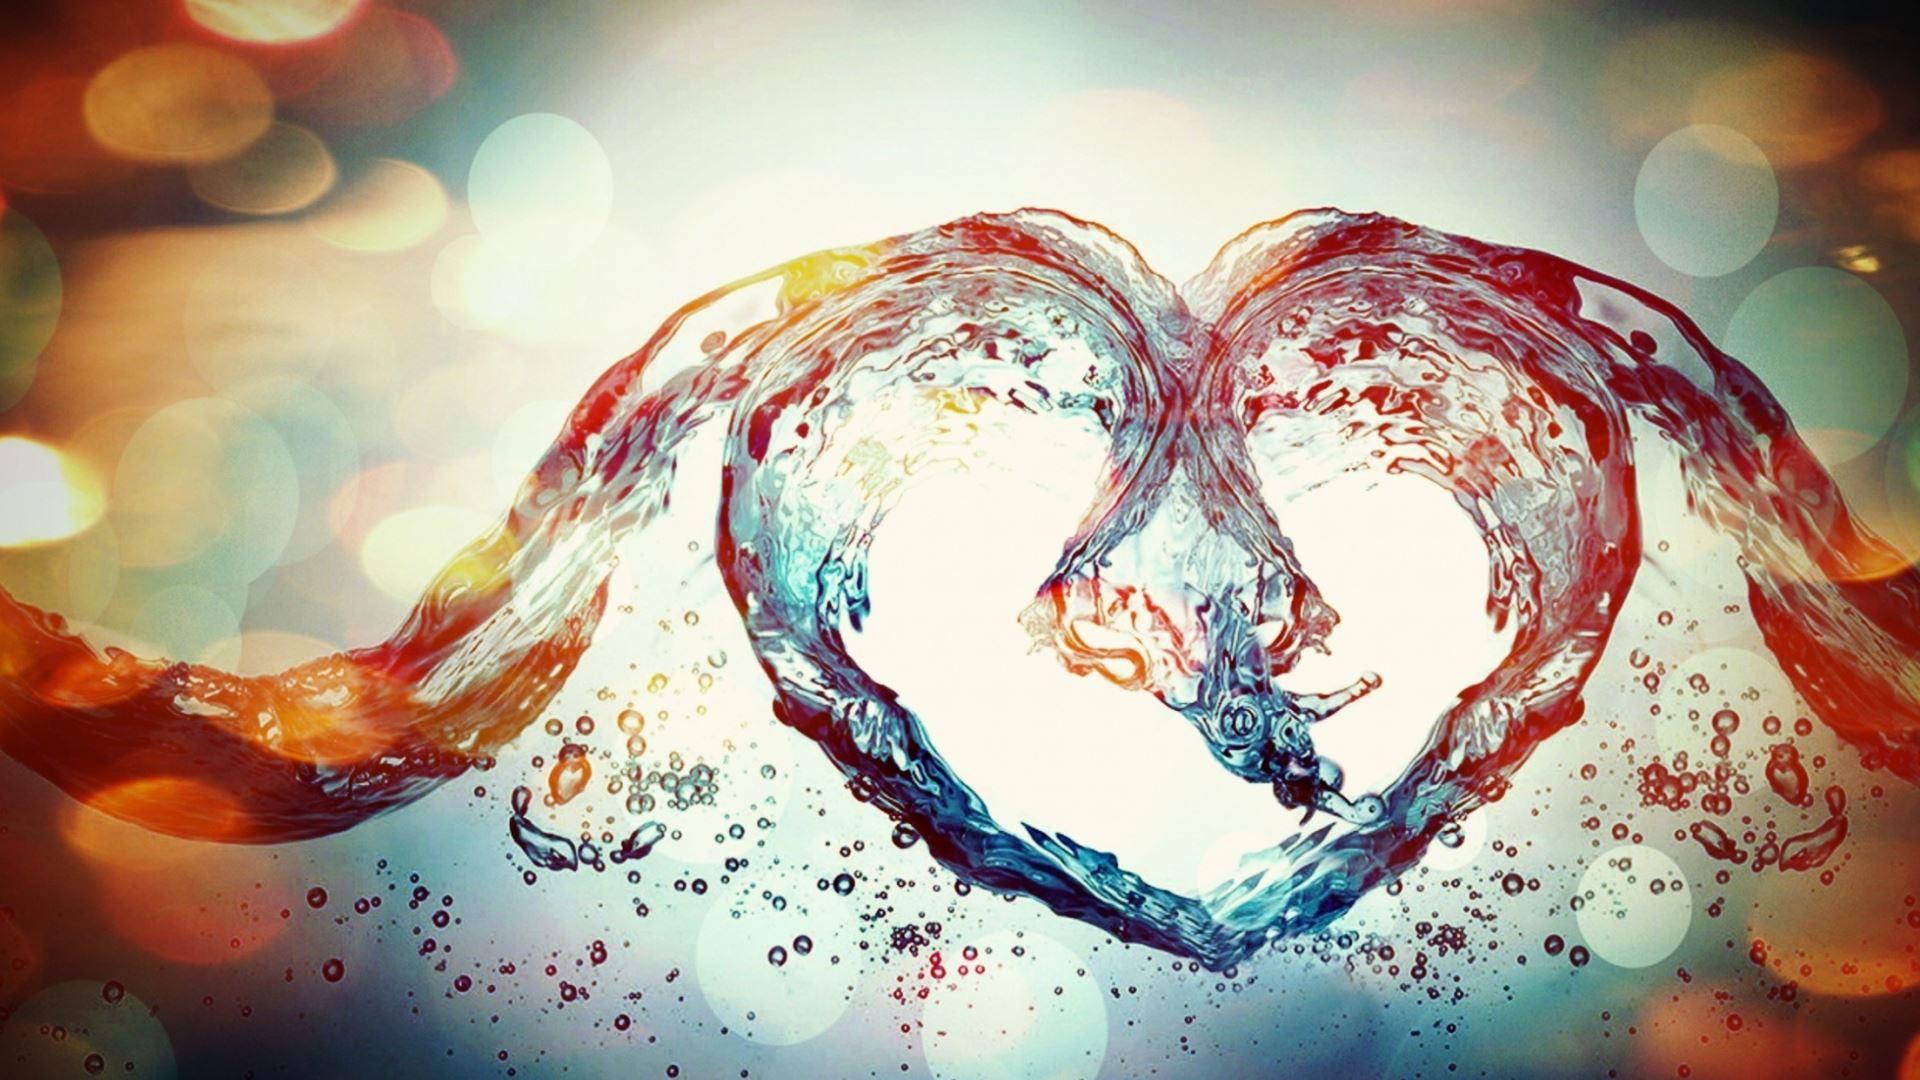 Love Symbol Mac Wallpaper Download Free Mac Wallpapers Download